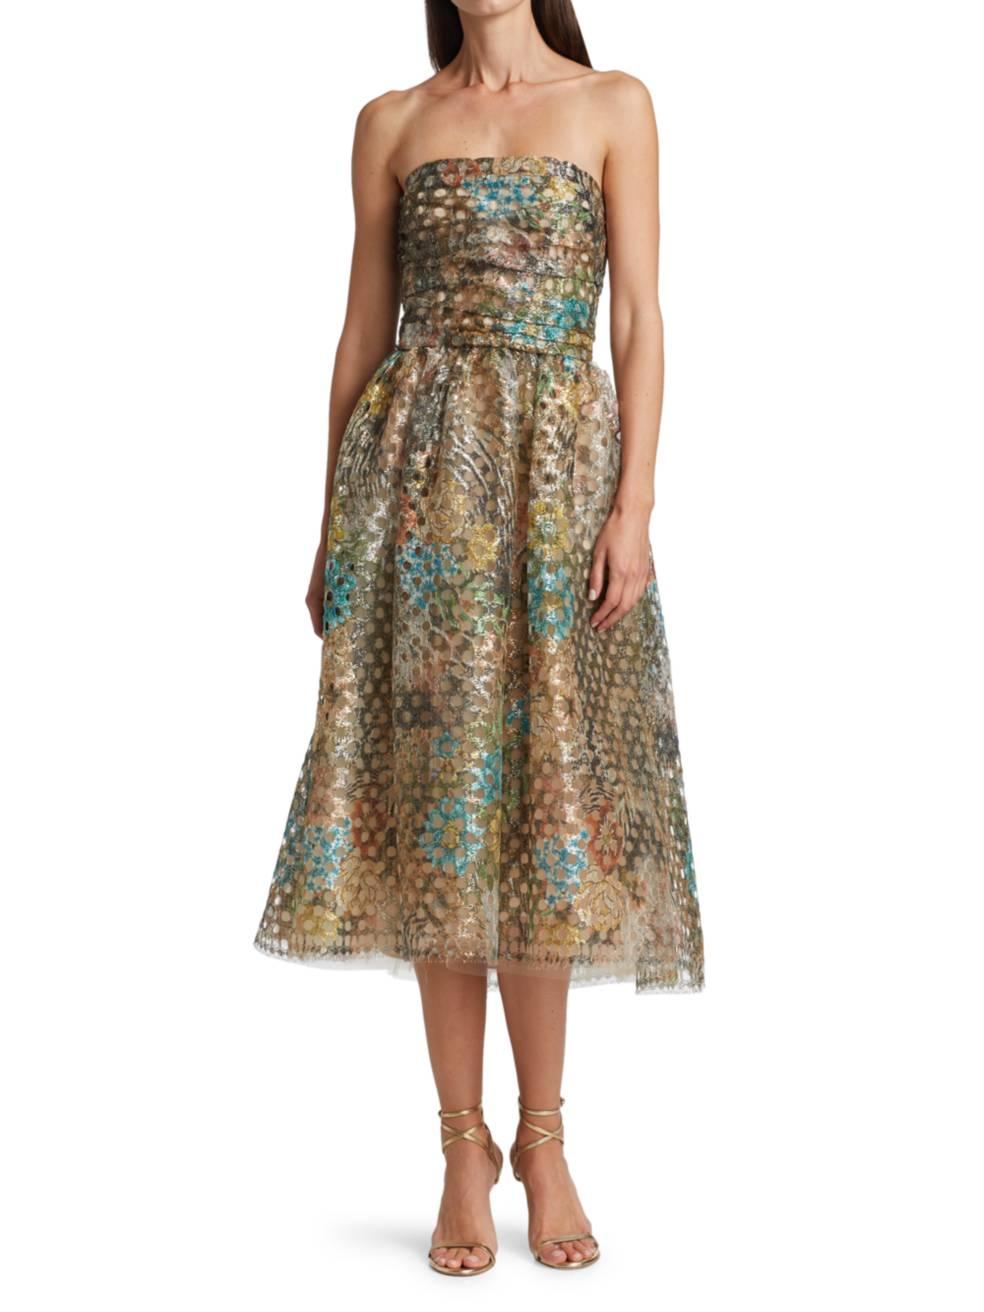 MONIQUE LHUILLIER Metallic Circle Lace Strapless Fit-&-Flare Dress